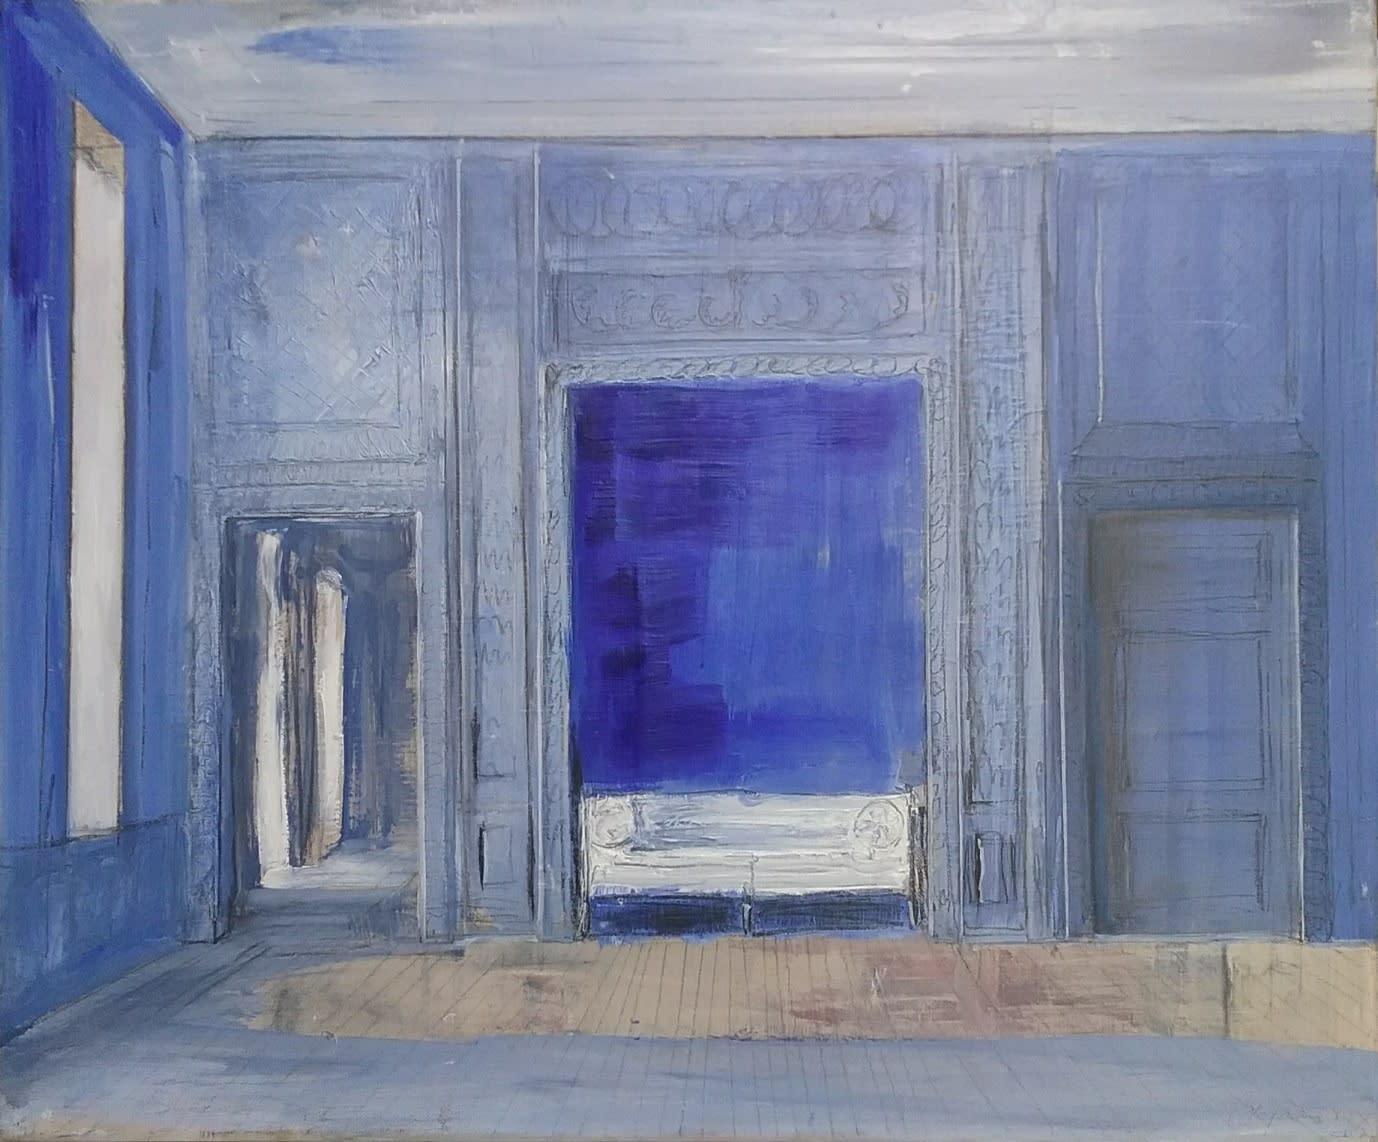 Pierre Bergian, L'alcove bleu , 2019